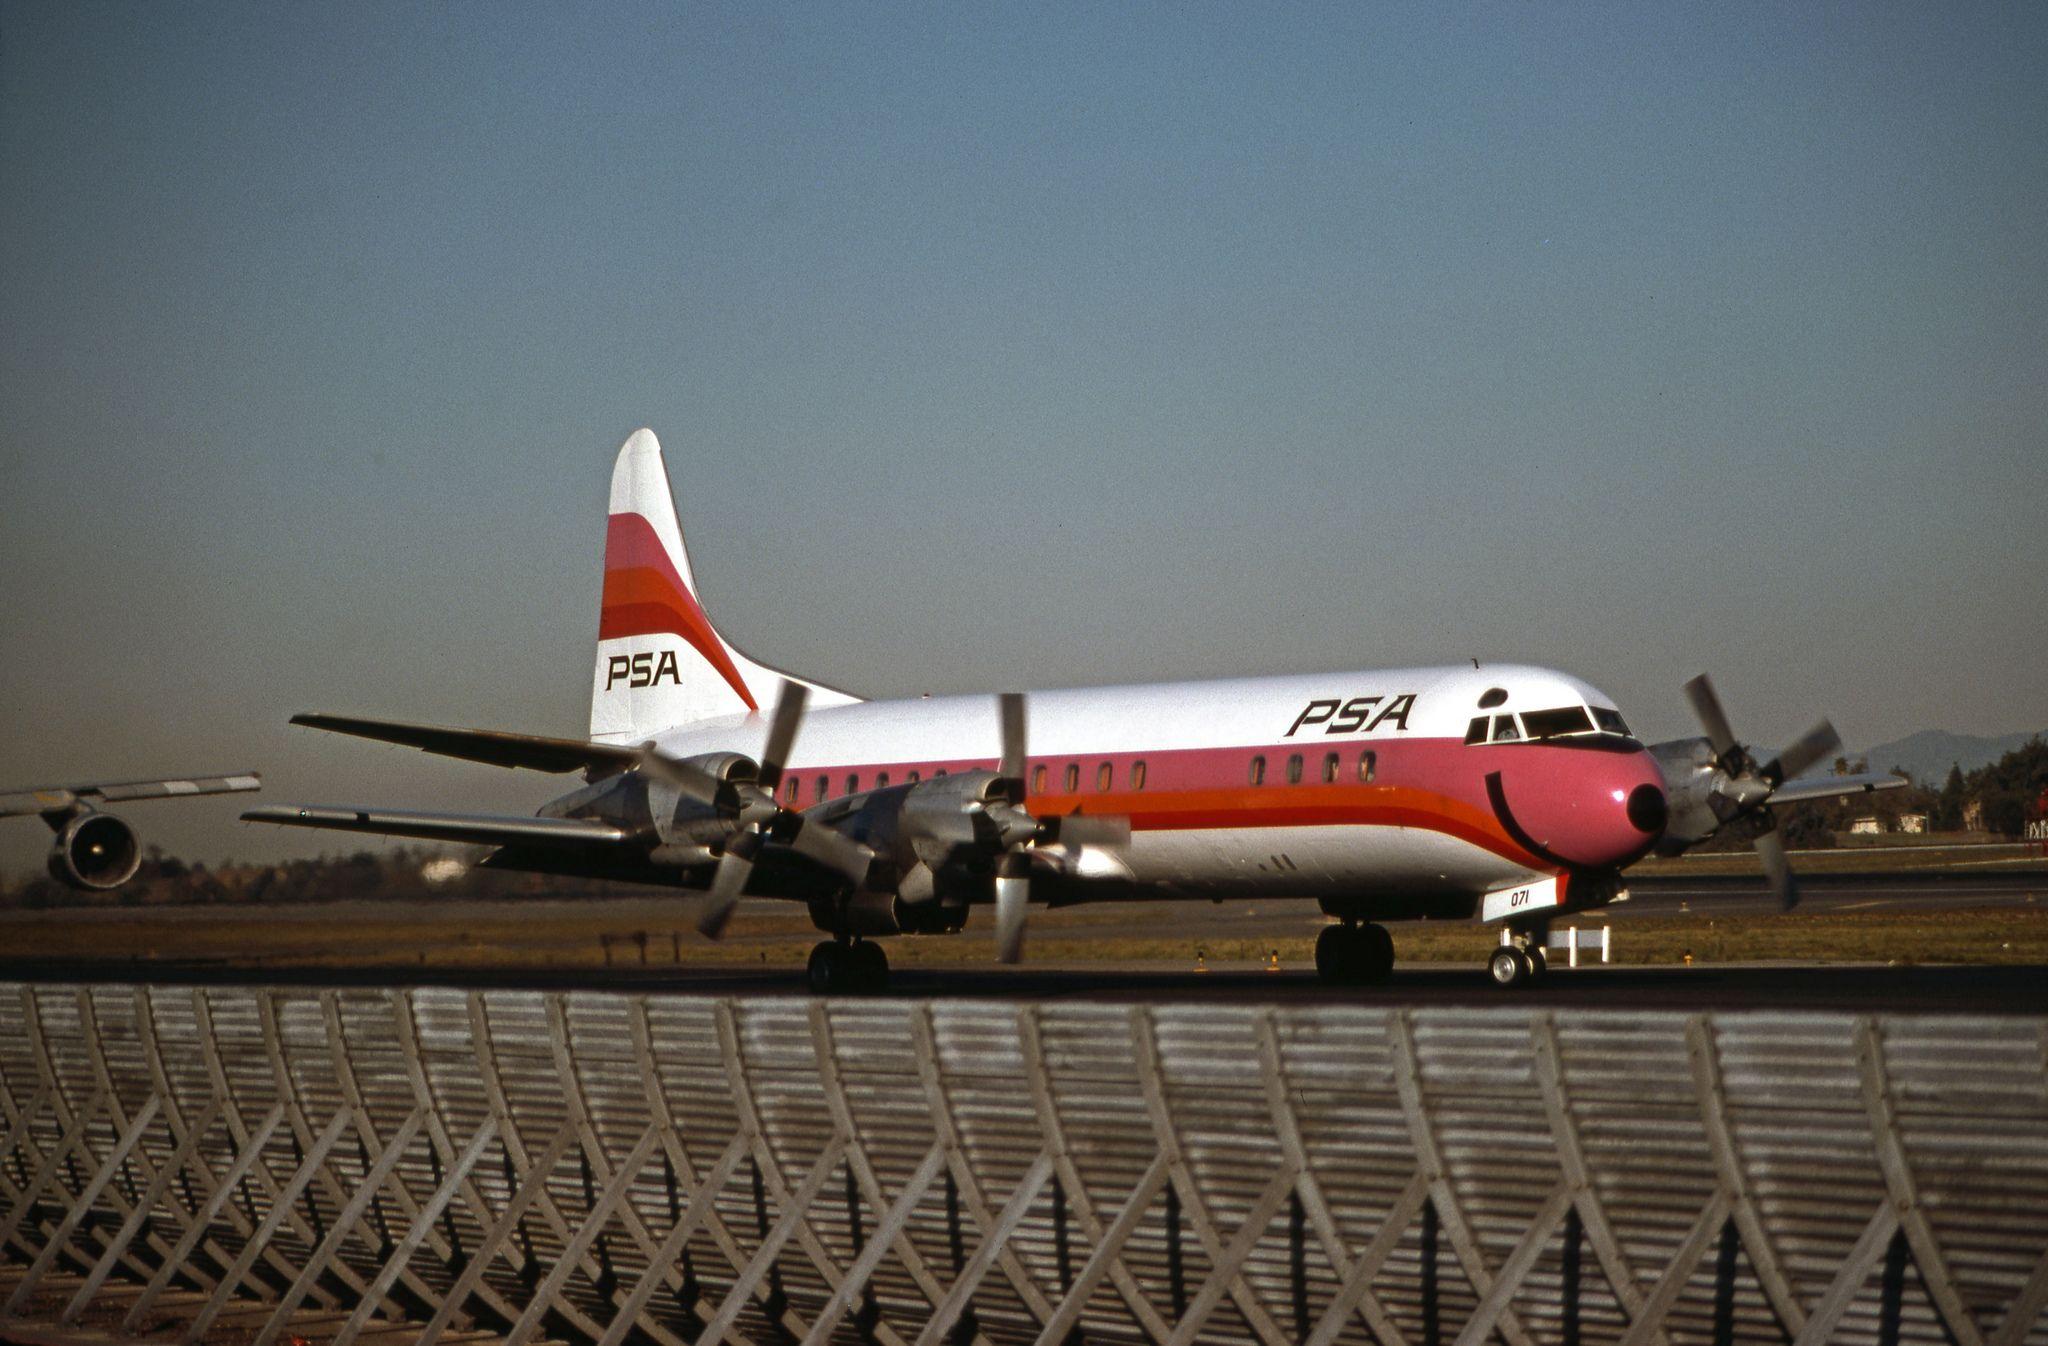 PSA, Lockheed L188A Electra Aircraft, Southwest